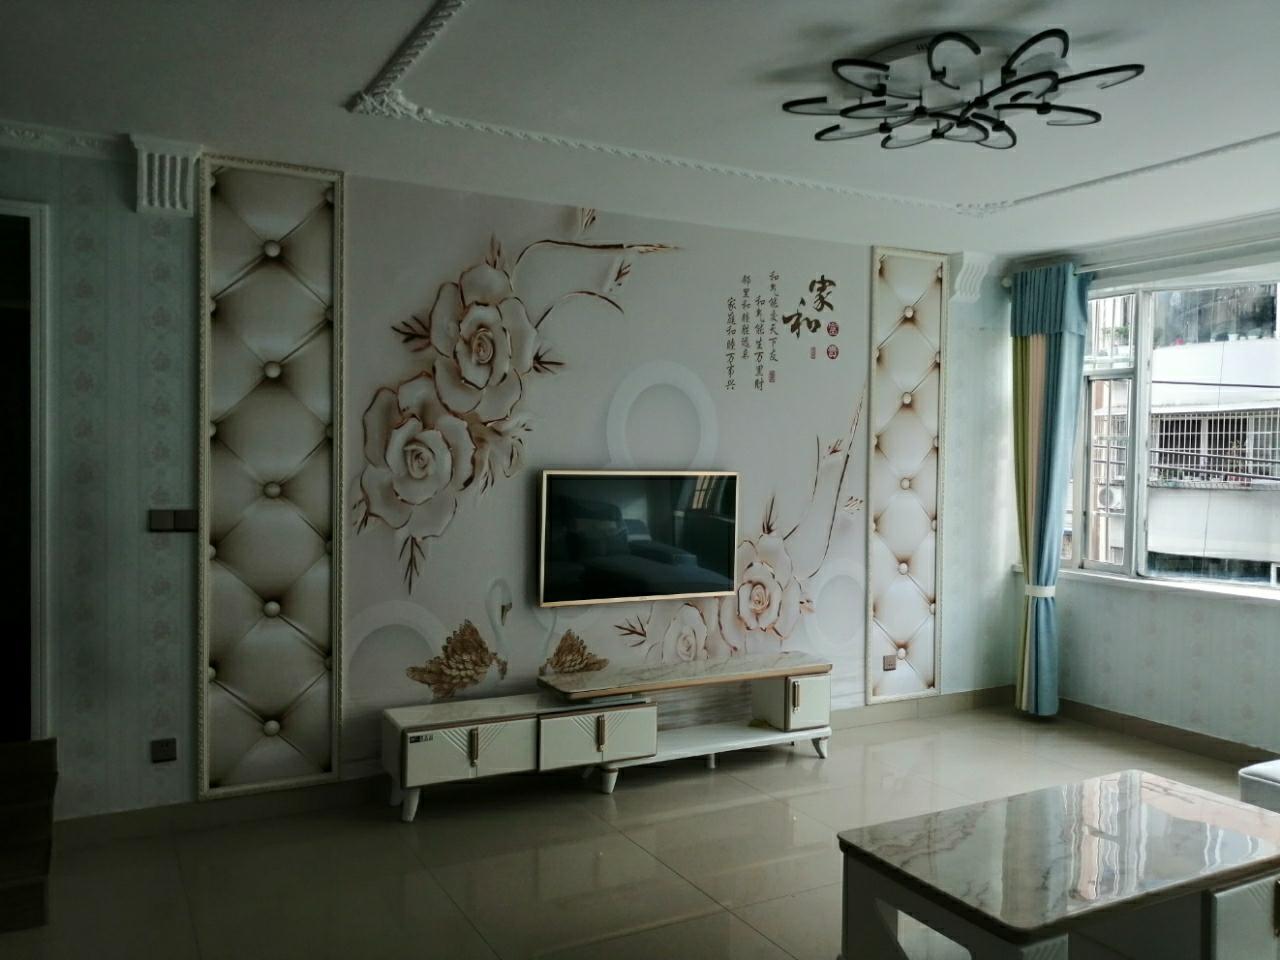 清陵公寓3室 2厅 1卫59.8万元